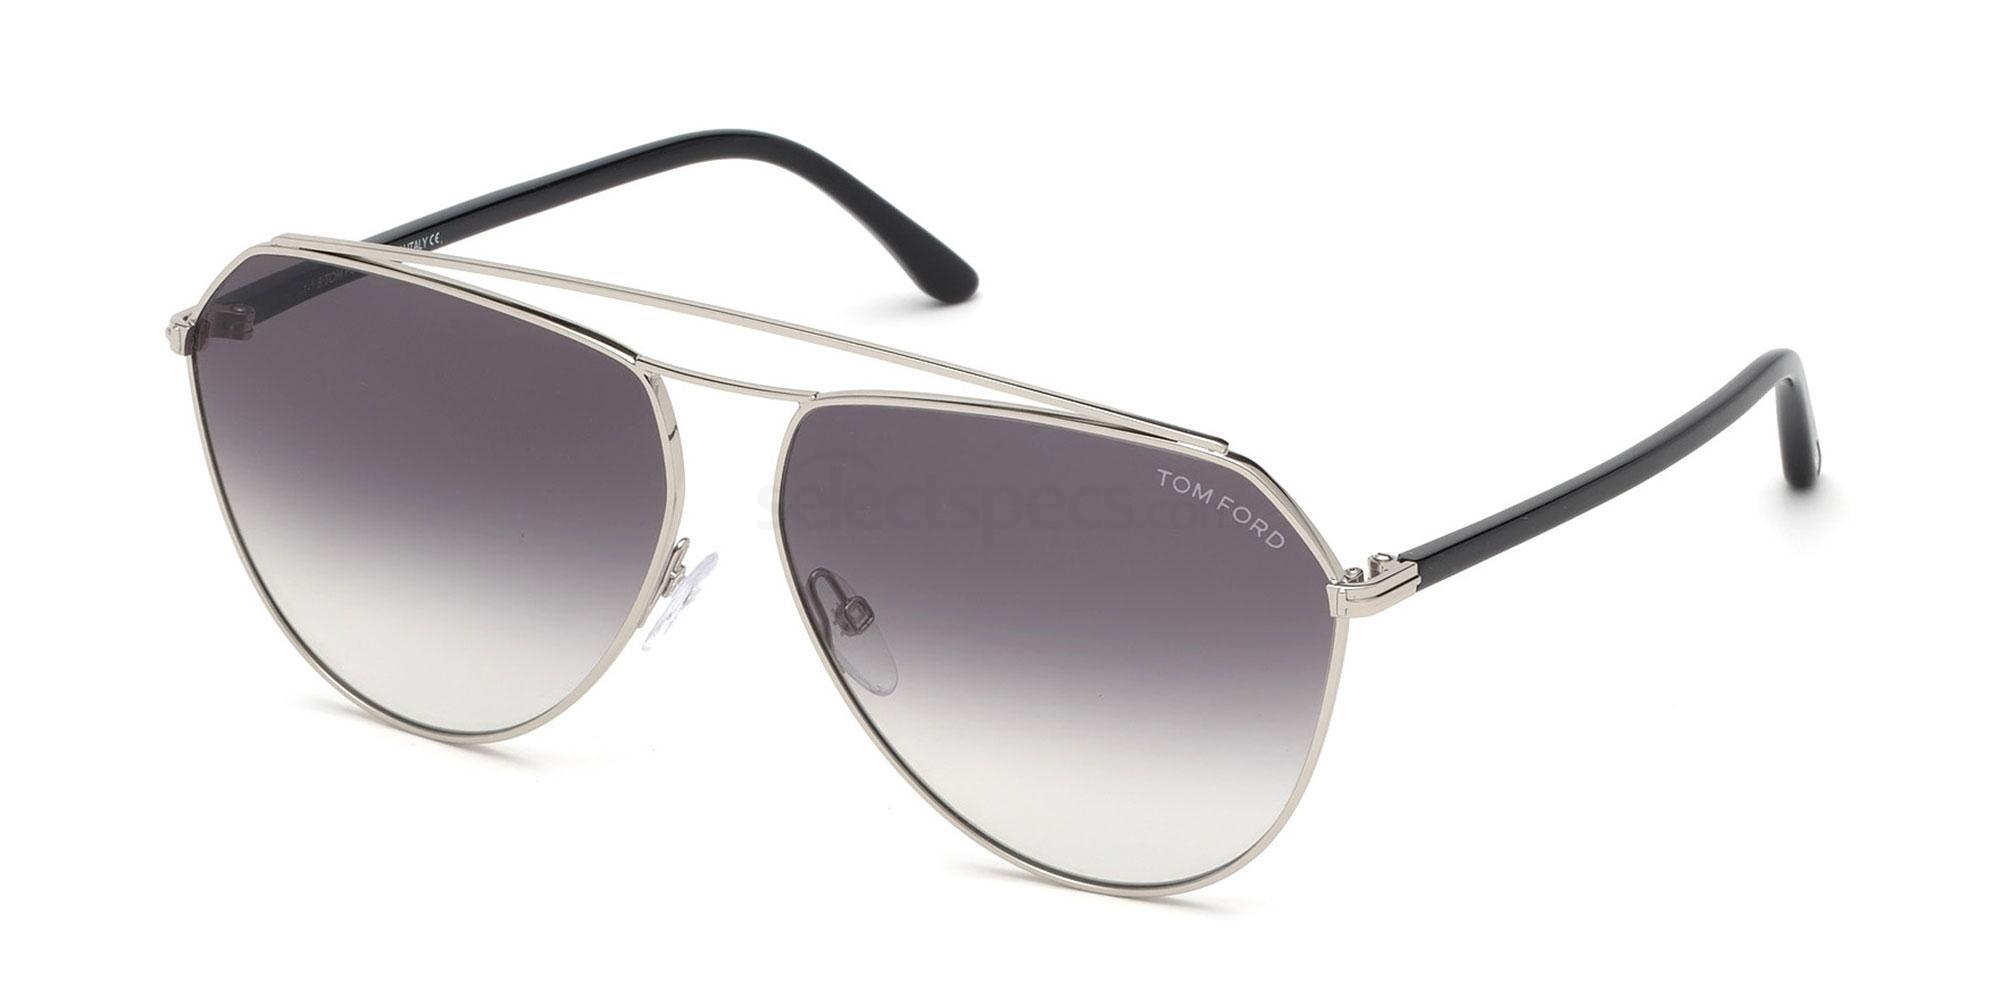 16B FT0681 Sunglasses, Tom Ford